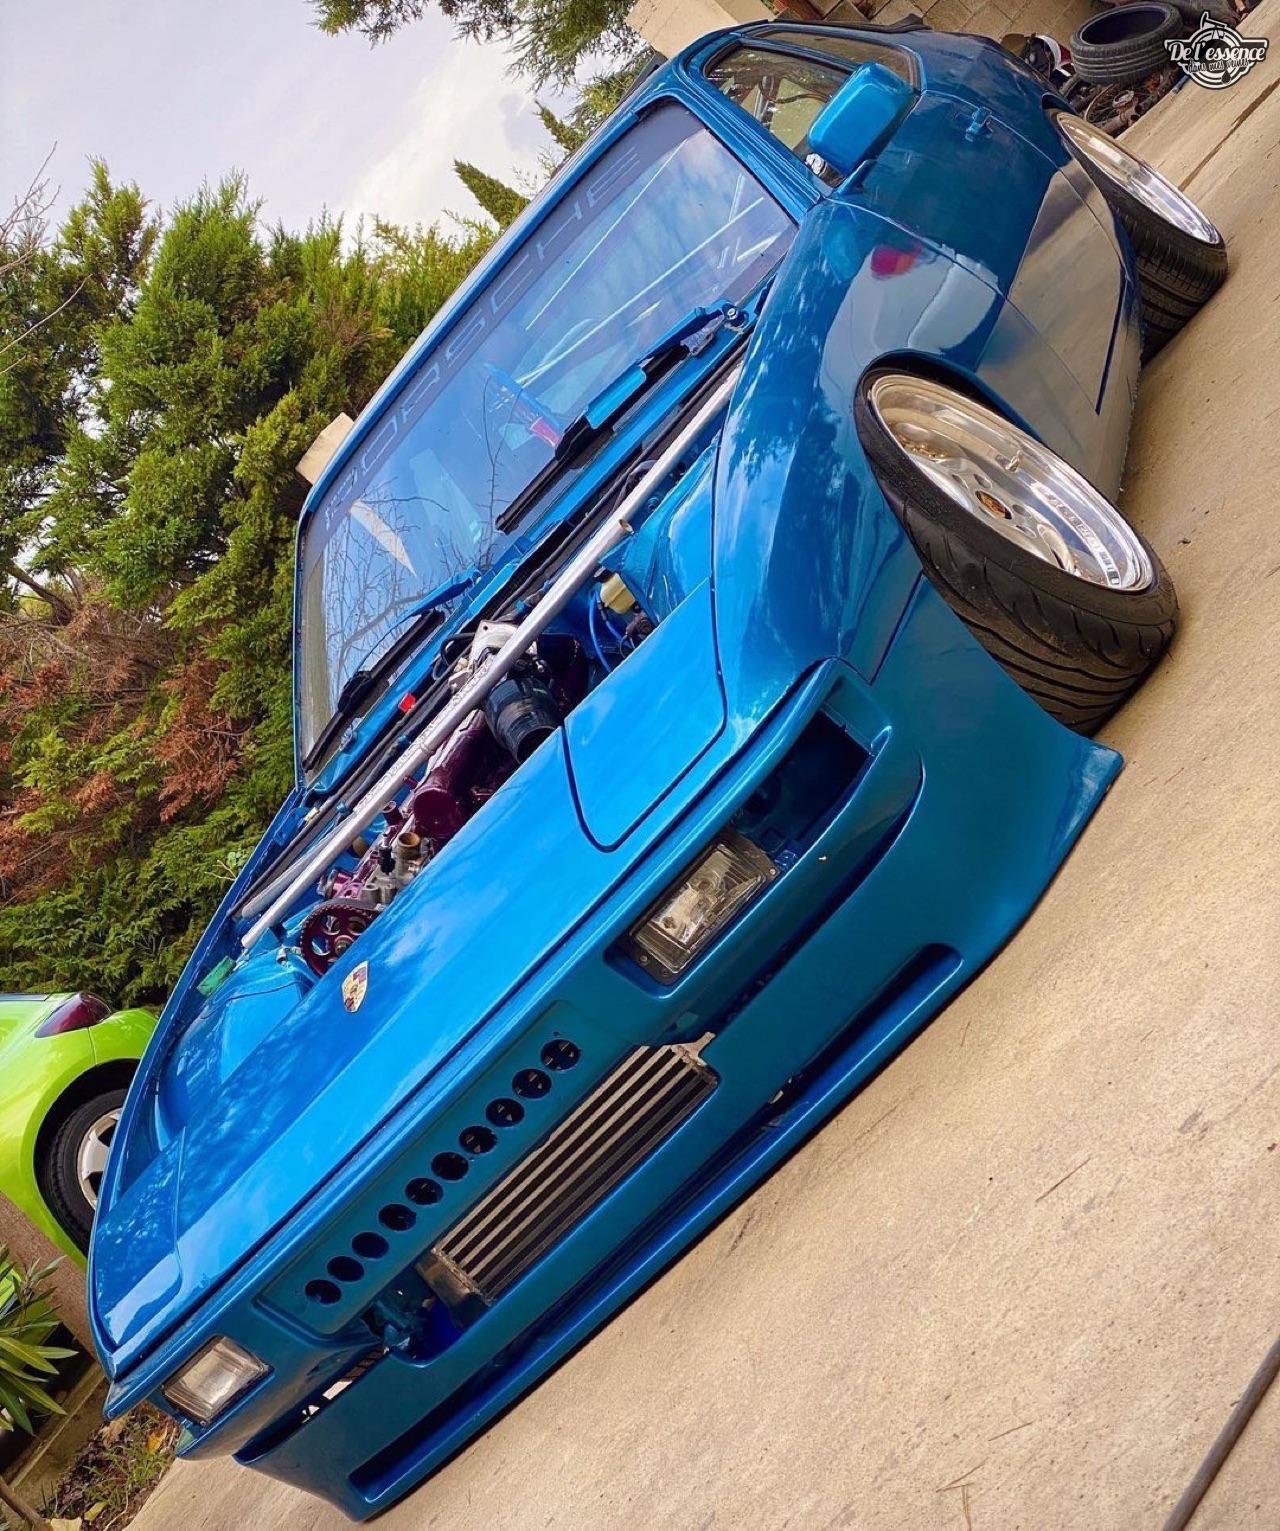 '79 Porsche 924 de Chris - De l'air et un turbo... 6